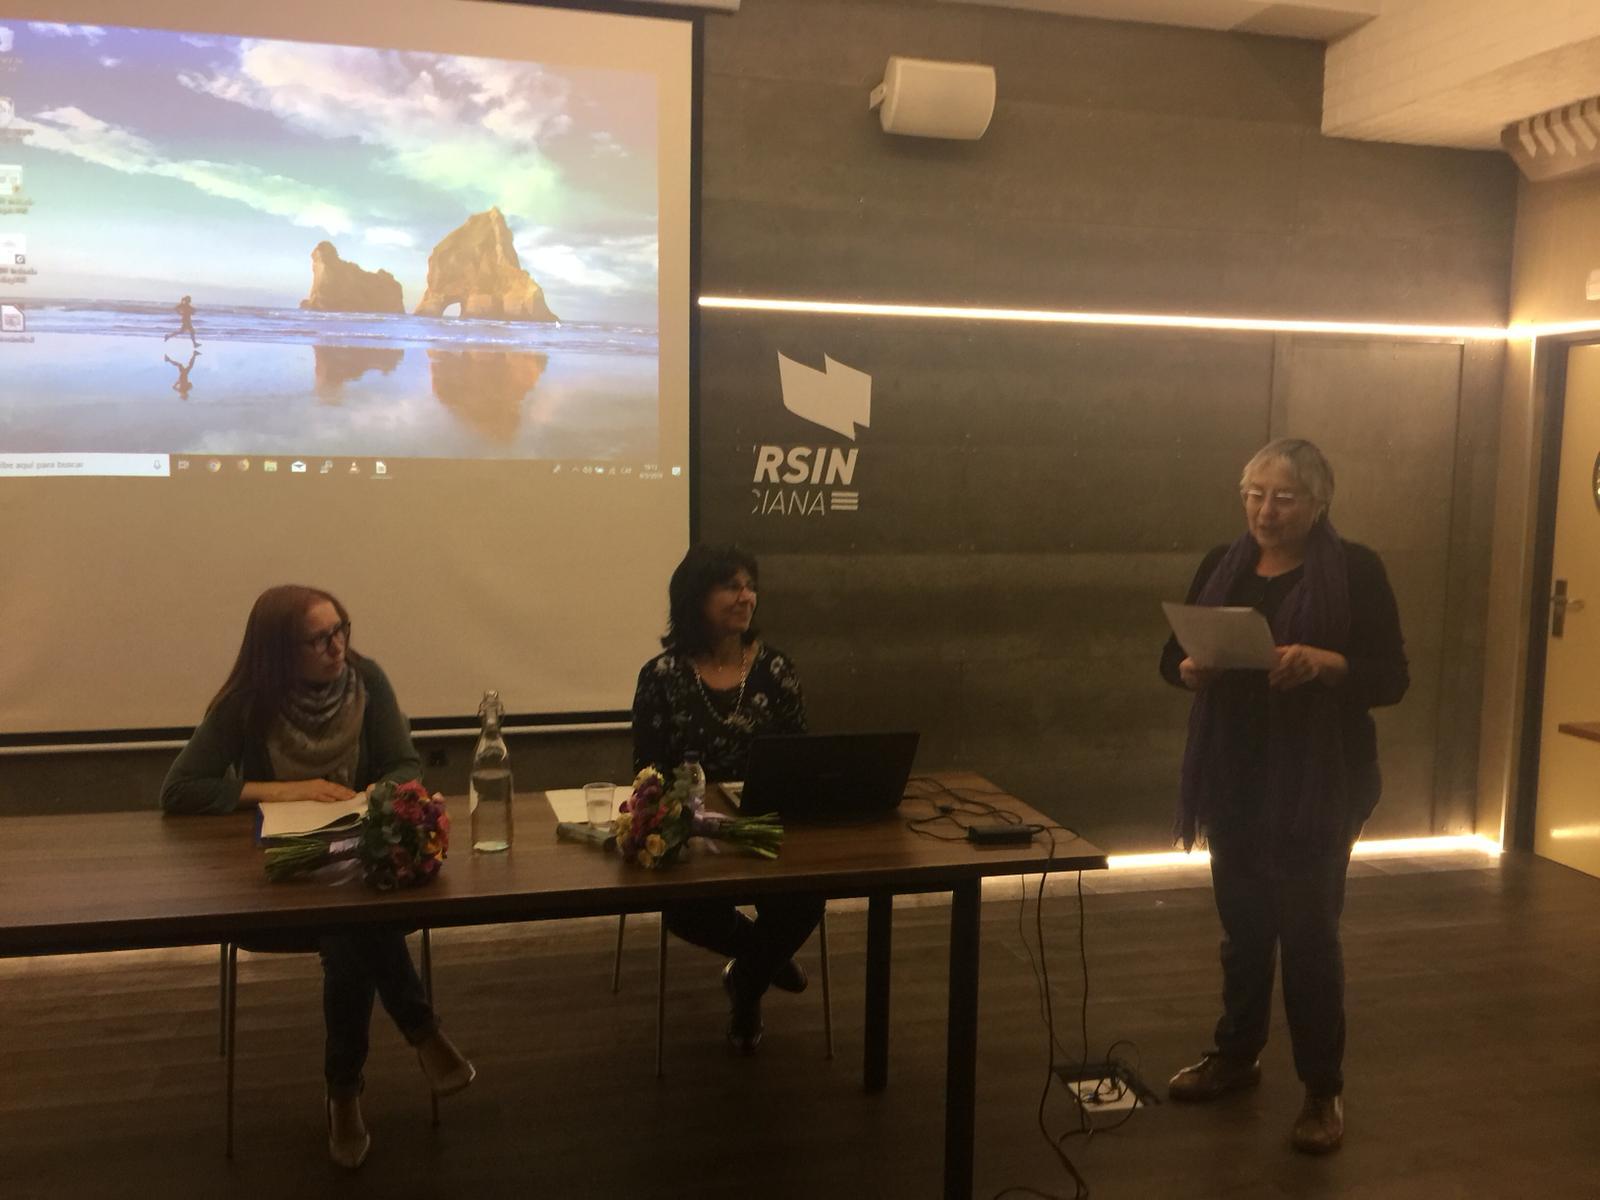 Un moment de la presentació. Foto de Beatriu Cardona